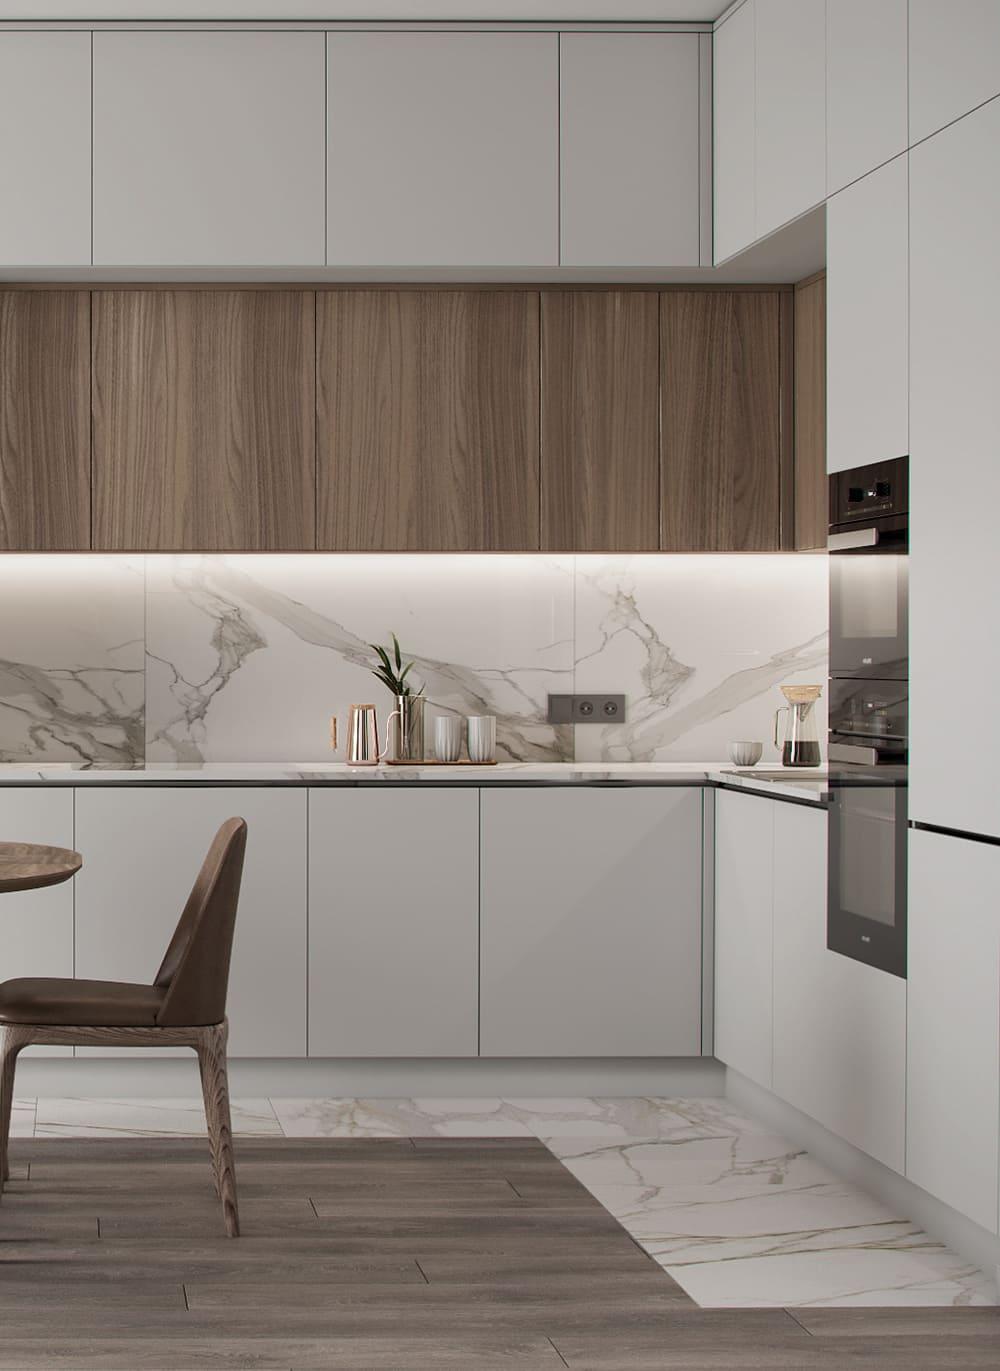 дизайн кухни в современном стиле фото 75